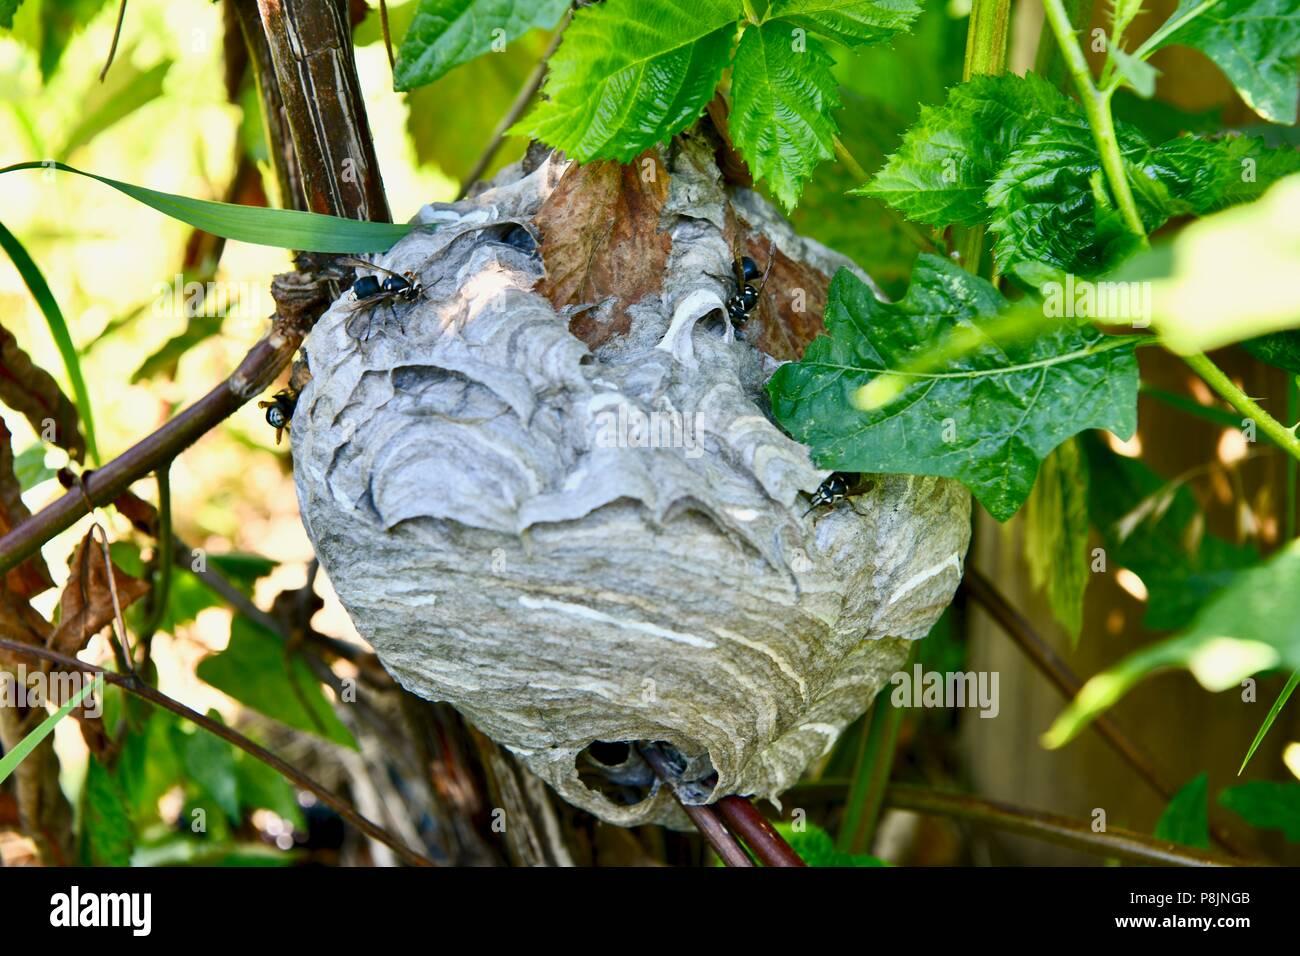 Yellowjacket bee nest - Stock Image